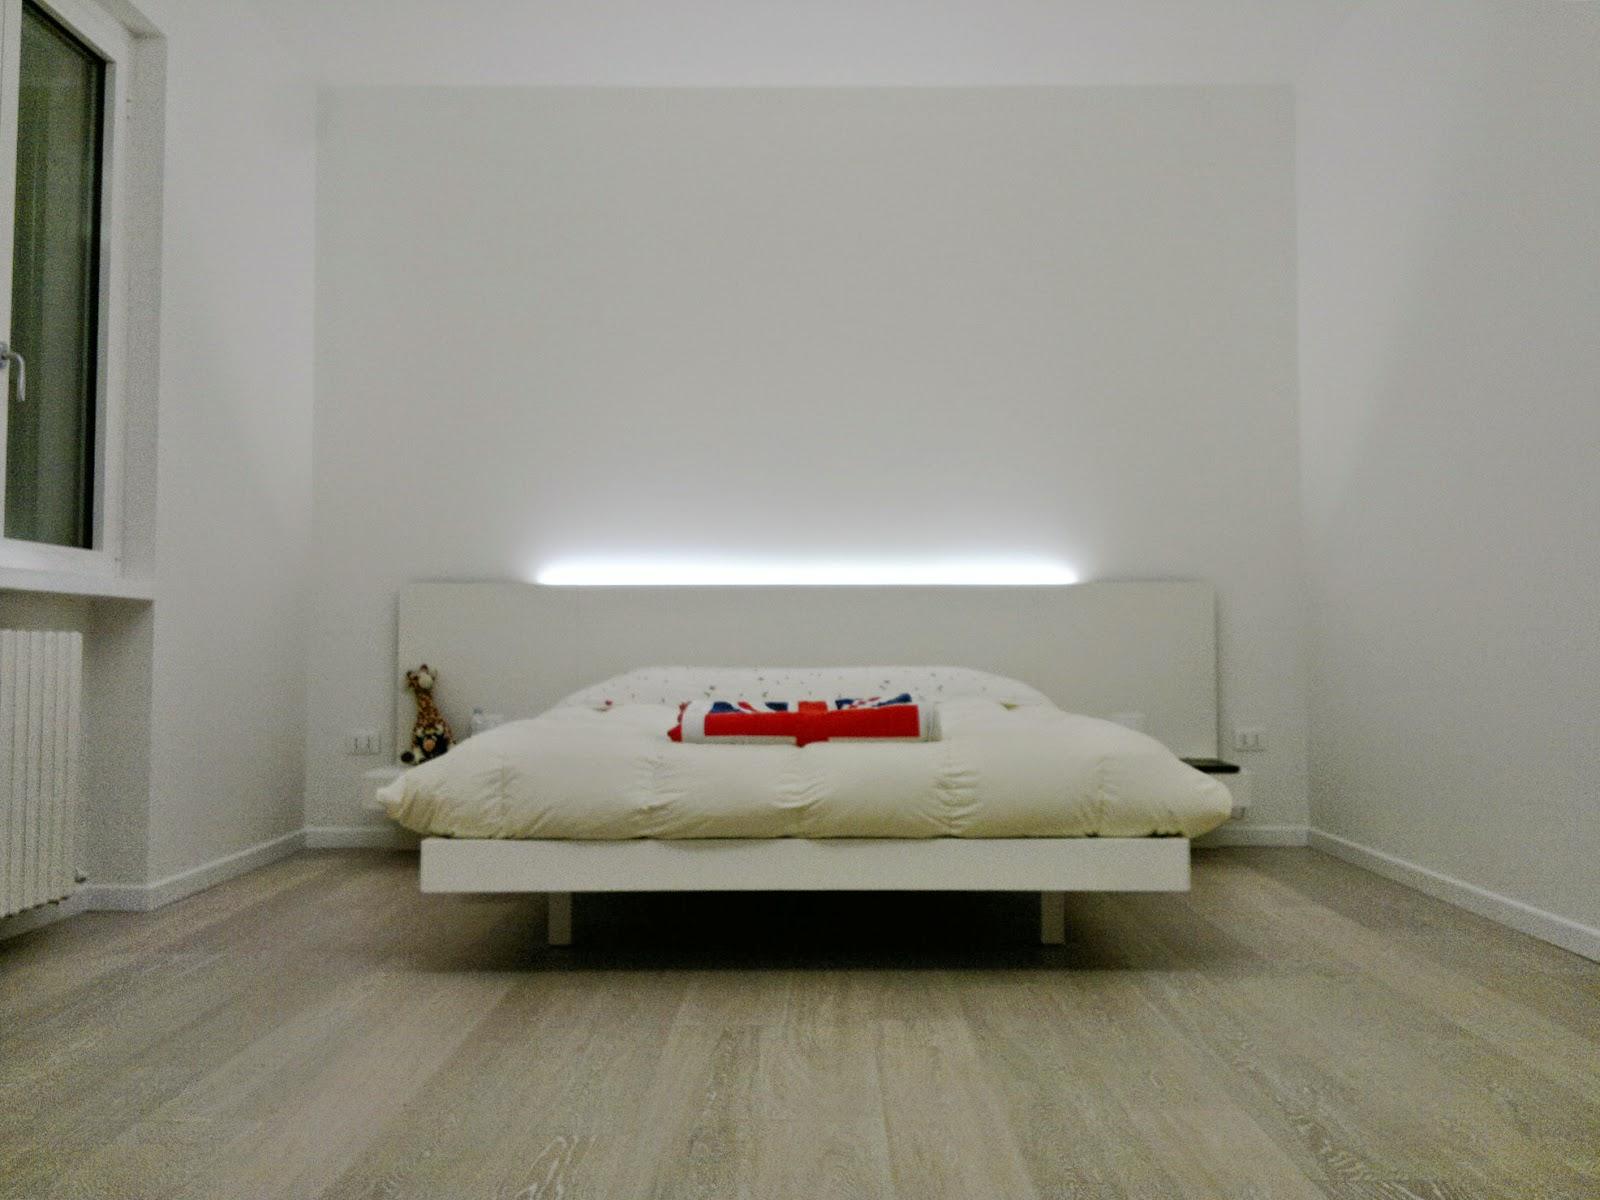 Illuminazione led casa aprile 2015 for Illuminazione camera da letto matrimoniale